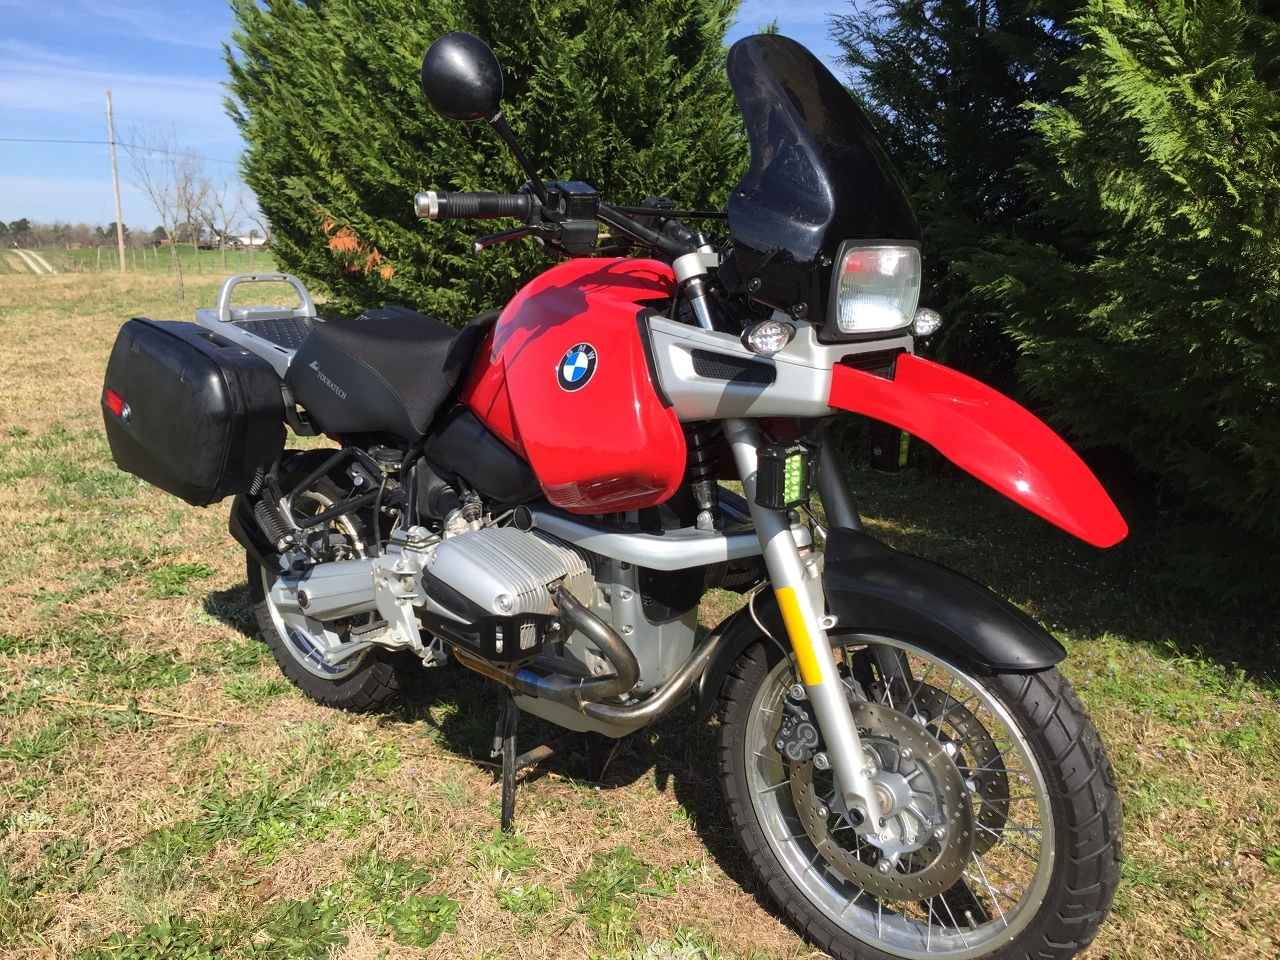 St  Louis - 235,101 BMW R1200GS 30th Anniversary Near Me